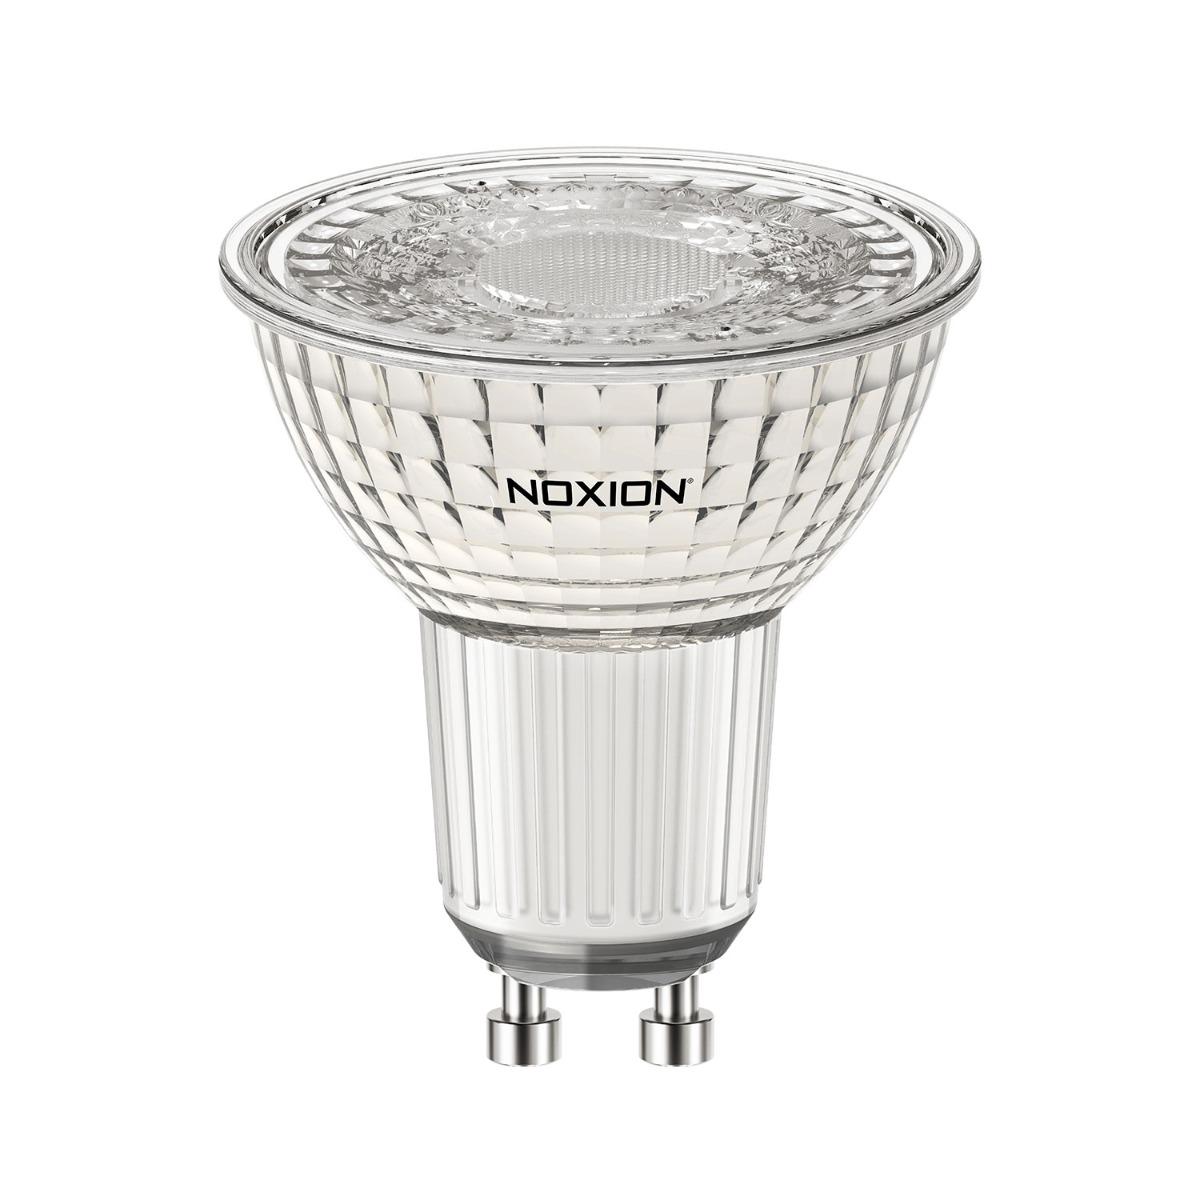 Noxion LED Spot PerfectColor GU10 5.5W 927 60D 430lm | Dimbaar - Zeer Warm Wit - Vervangt 50W